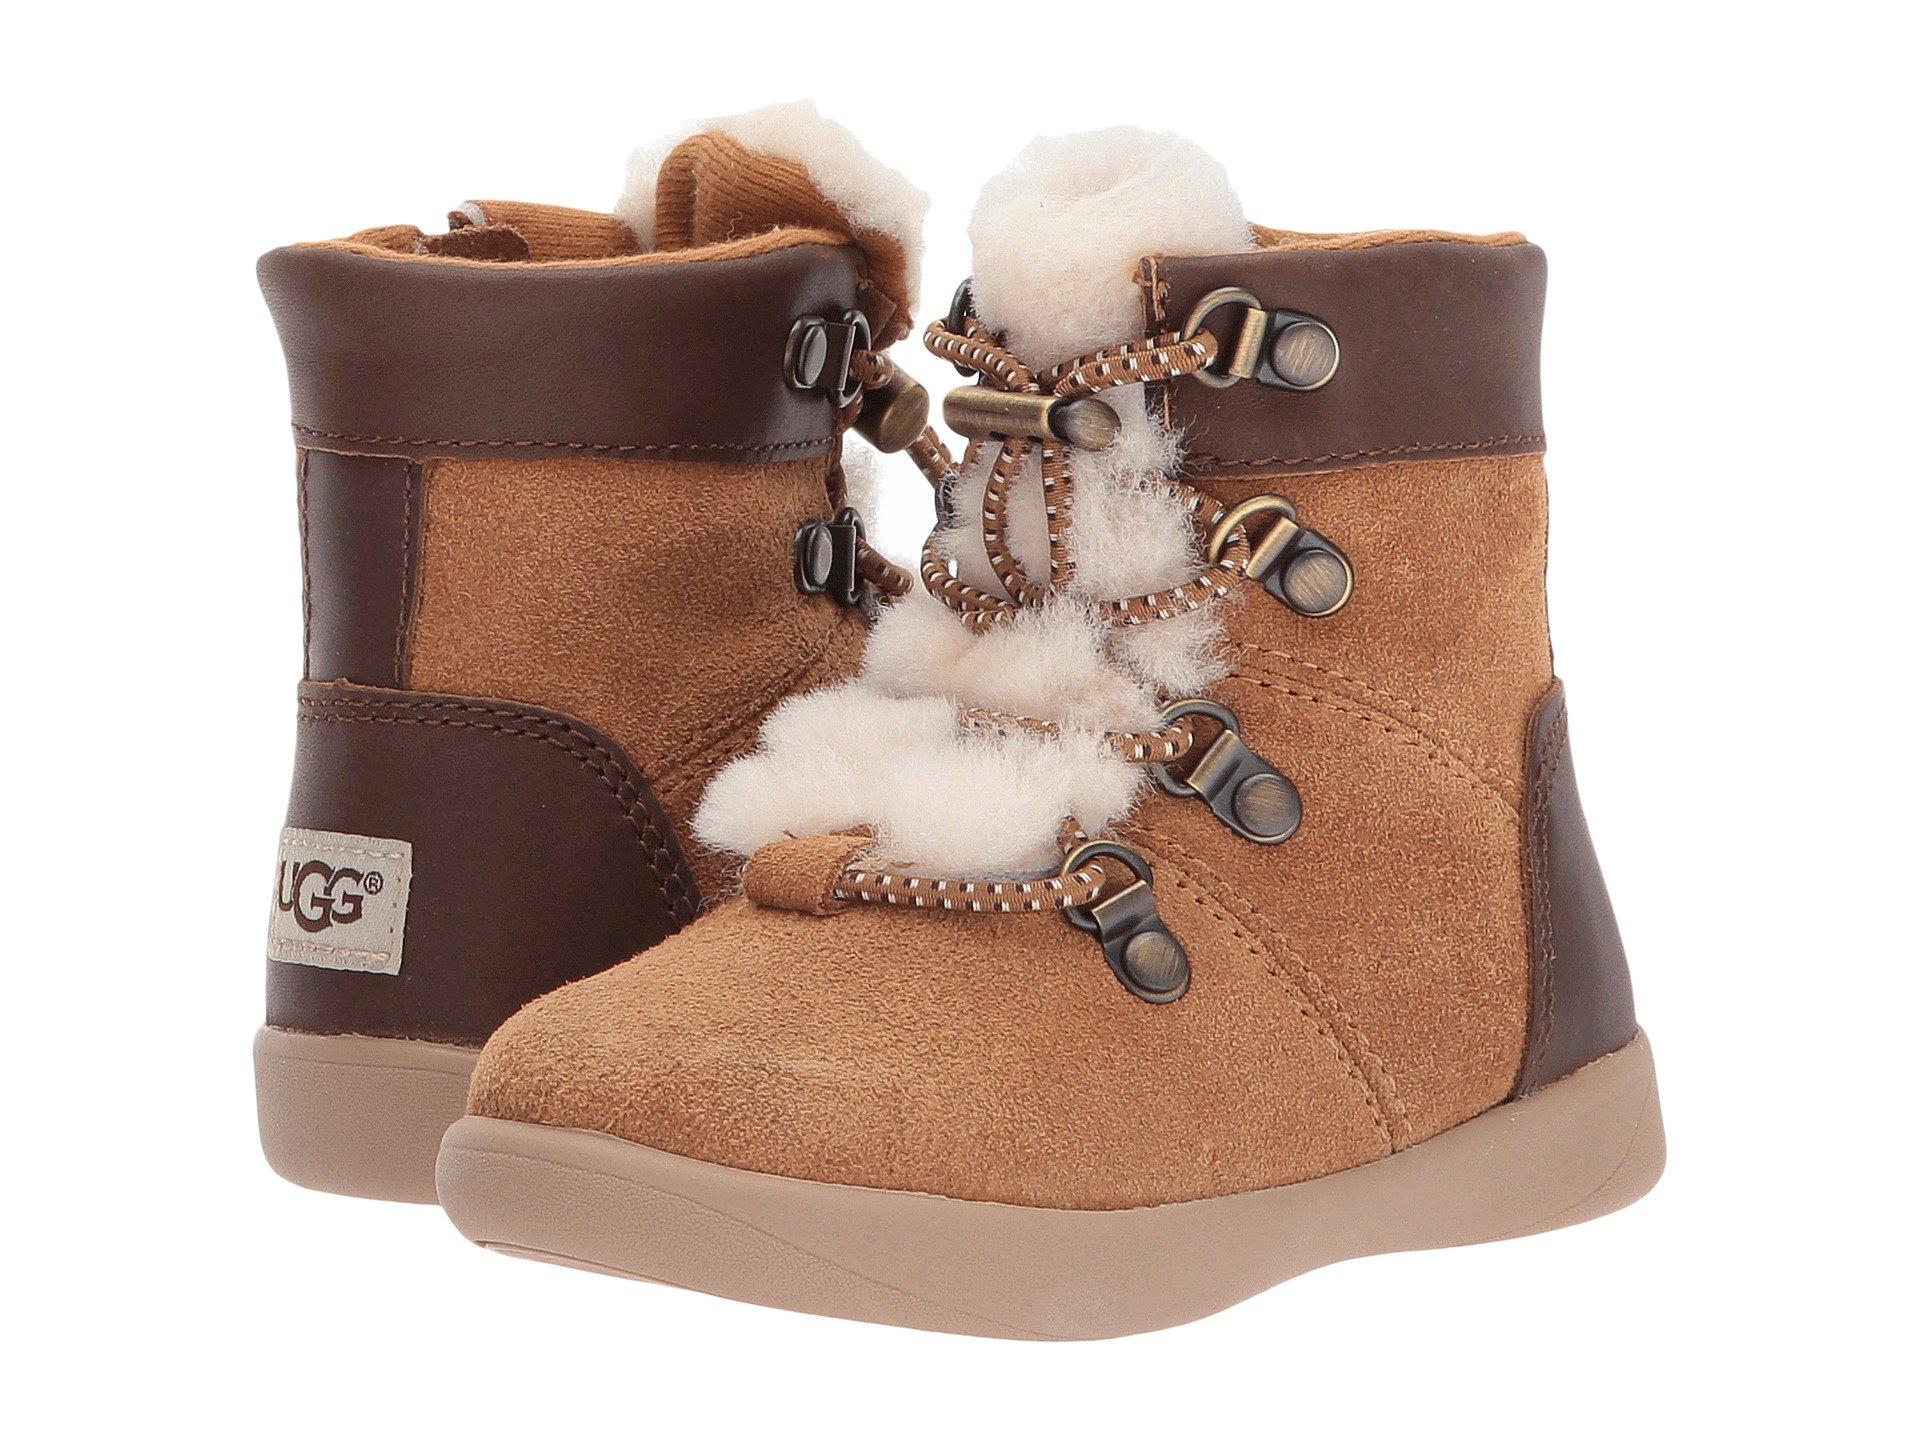 UGG Kids Ager (Toddler/Little Kid) (Chestnut) Kid's Shoes